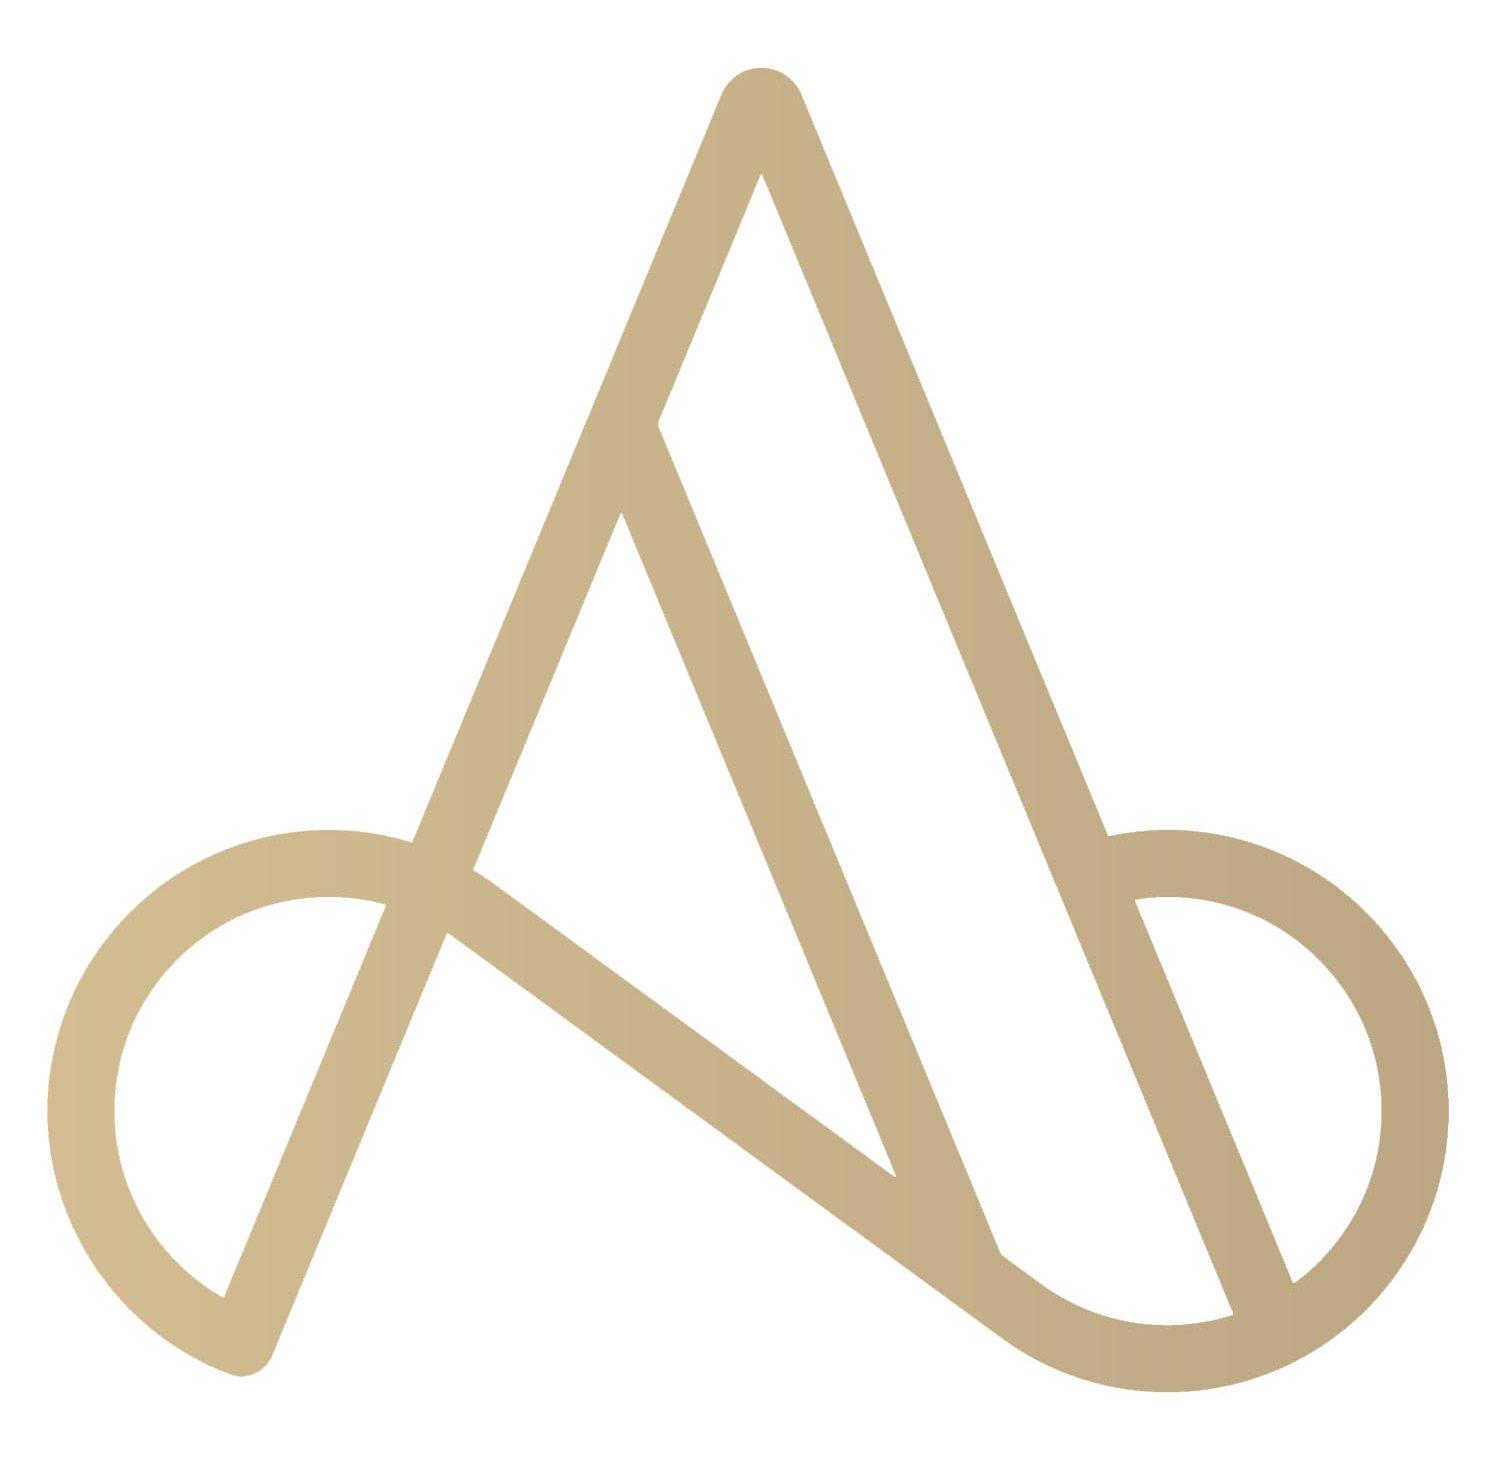 Arundel Arts